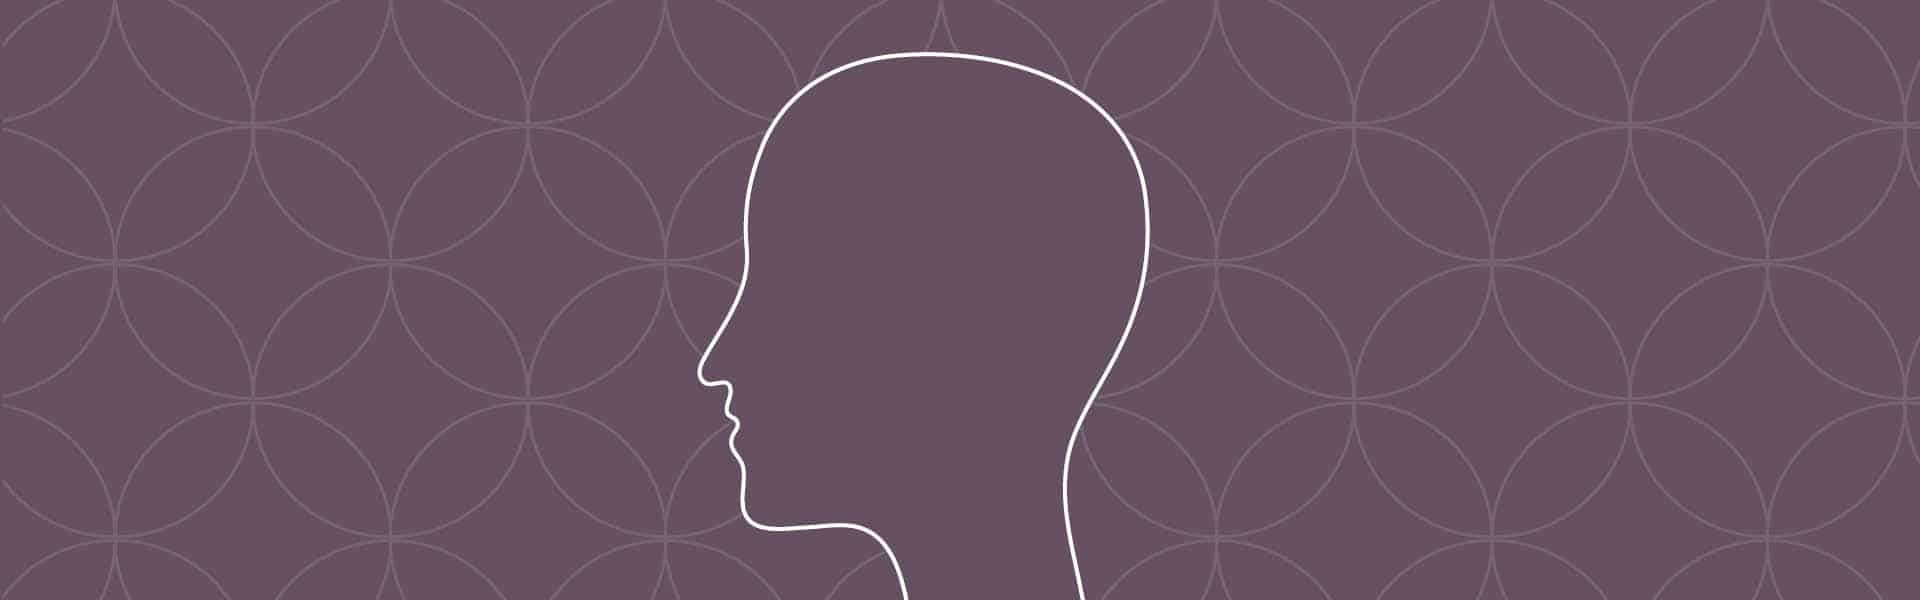 neuropædagogiske seks principper